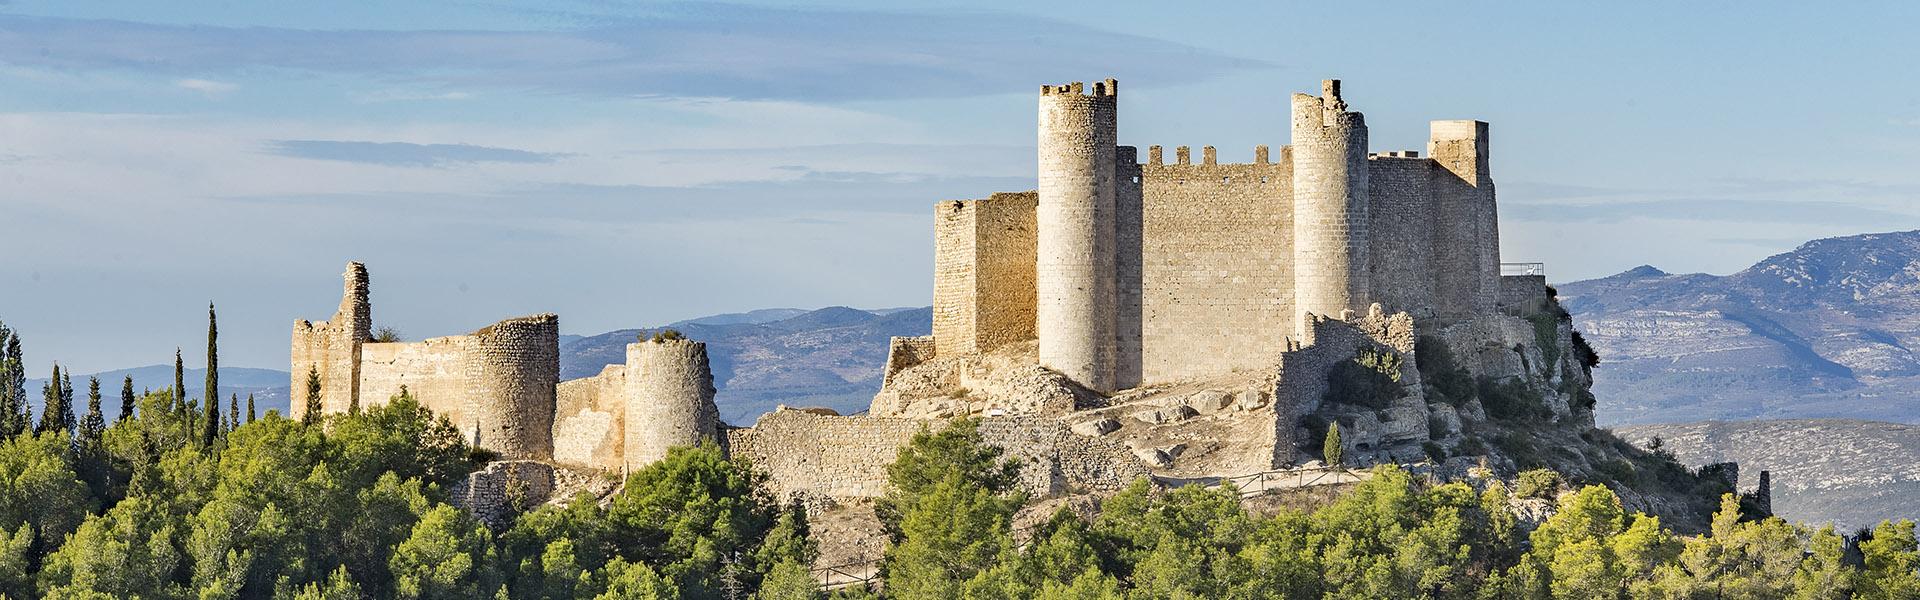 Asociación empresarios Alcalà-Alcossebre alojamiento de calidad, Castillo de Alcalà